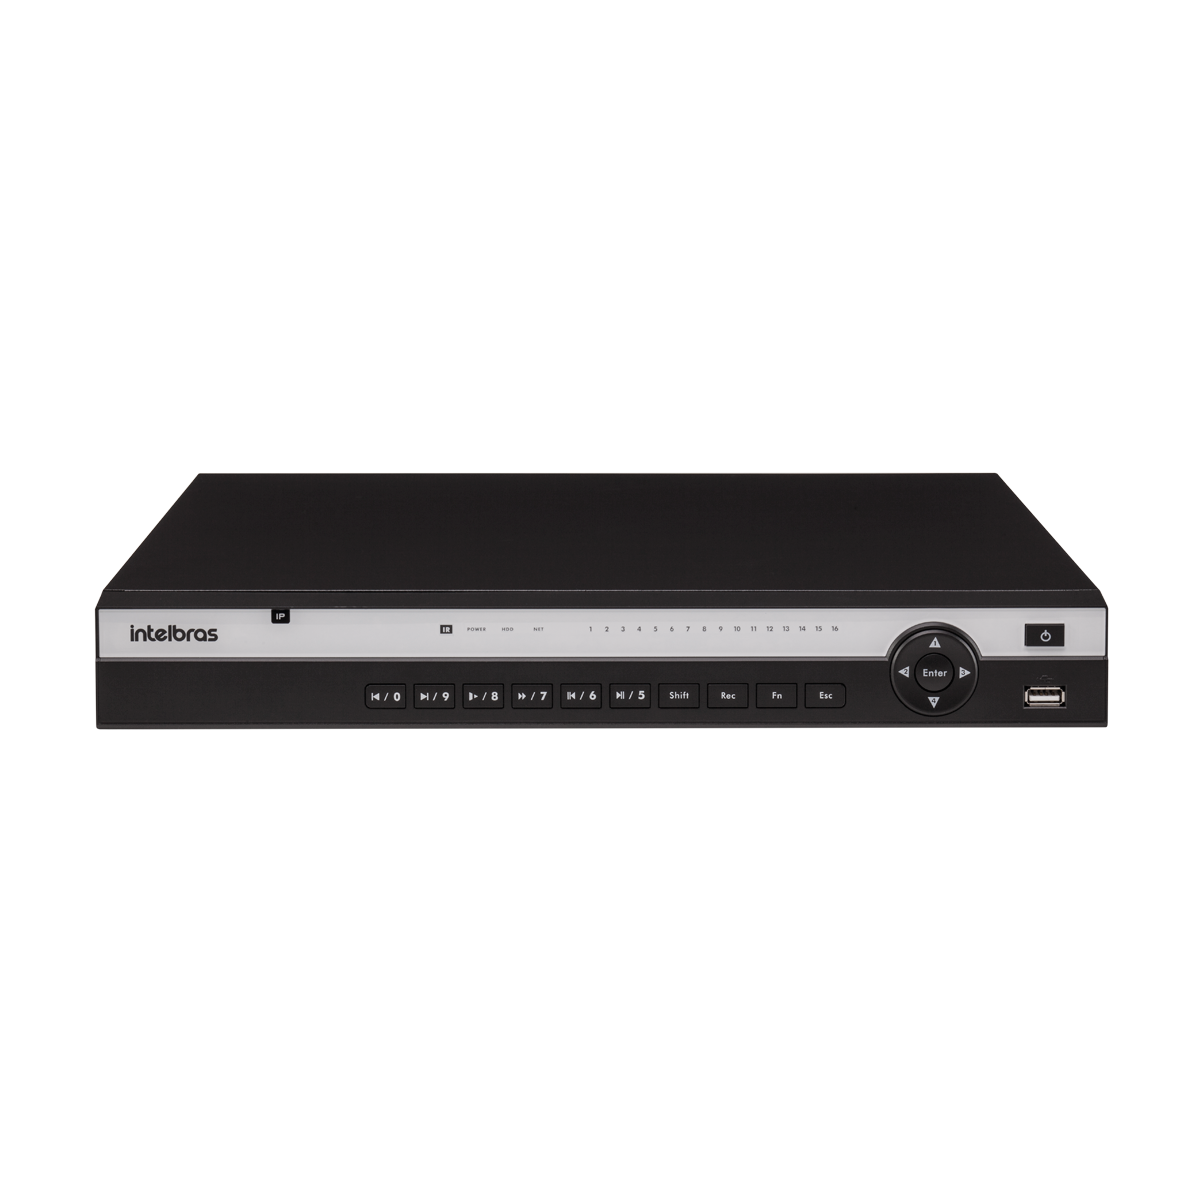 NVD 1316 C/ HD 1TB - GRAV. DIG. DE VÍDEO EM REDE PARA ATÉ 16 CANAIS IP, H.265, SUPORTA RESOLUÇÃO ATÉ 8MP, HD de 1TB instalado - PRODUÇÃO CUSTOMIZADA COM ENTREGA EM ATÉ 45 DIAS  - Sandercomp Virtual